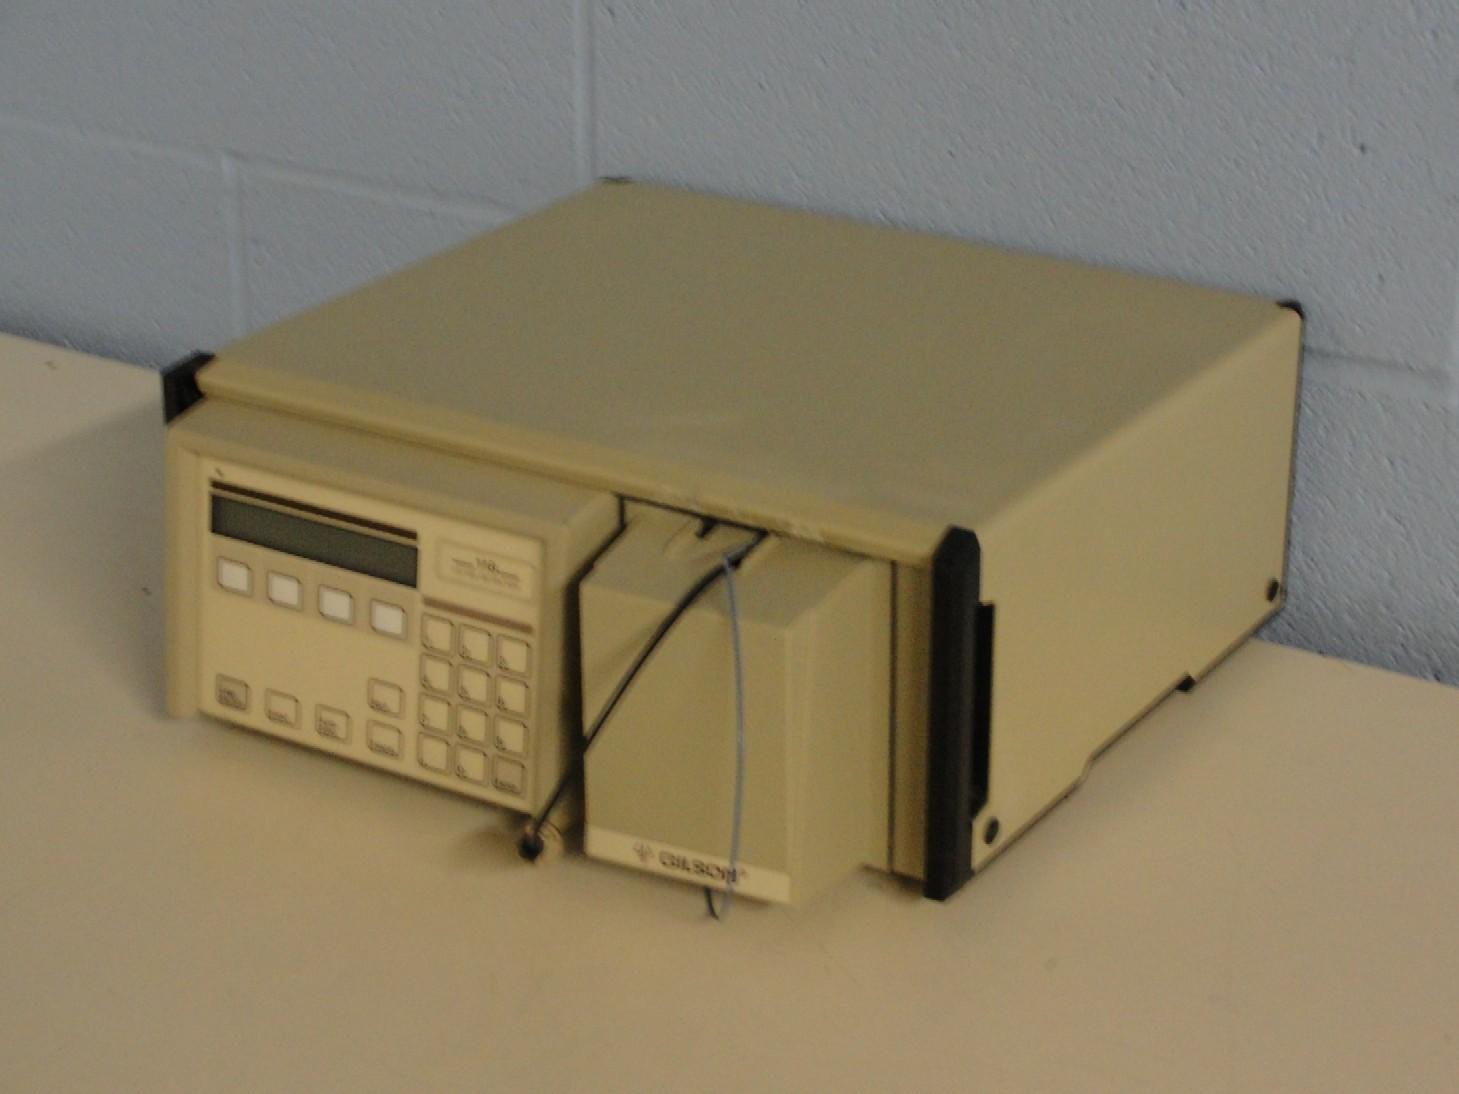 Refurbished Gilson 118 Uv Vis Detector